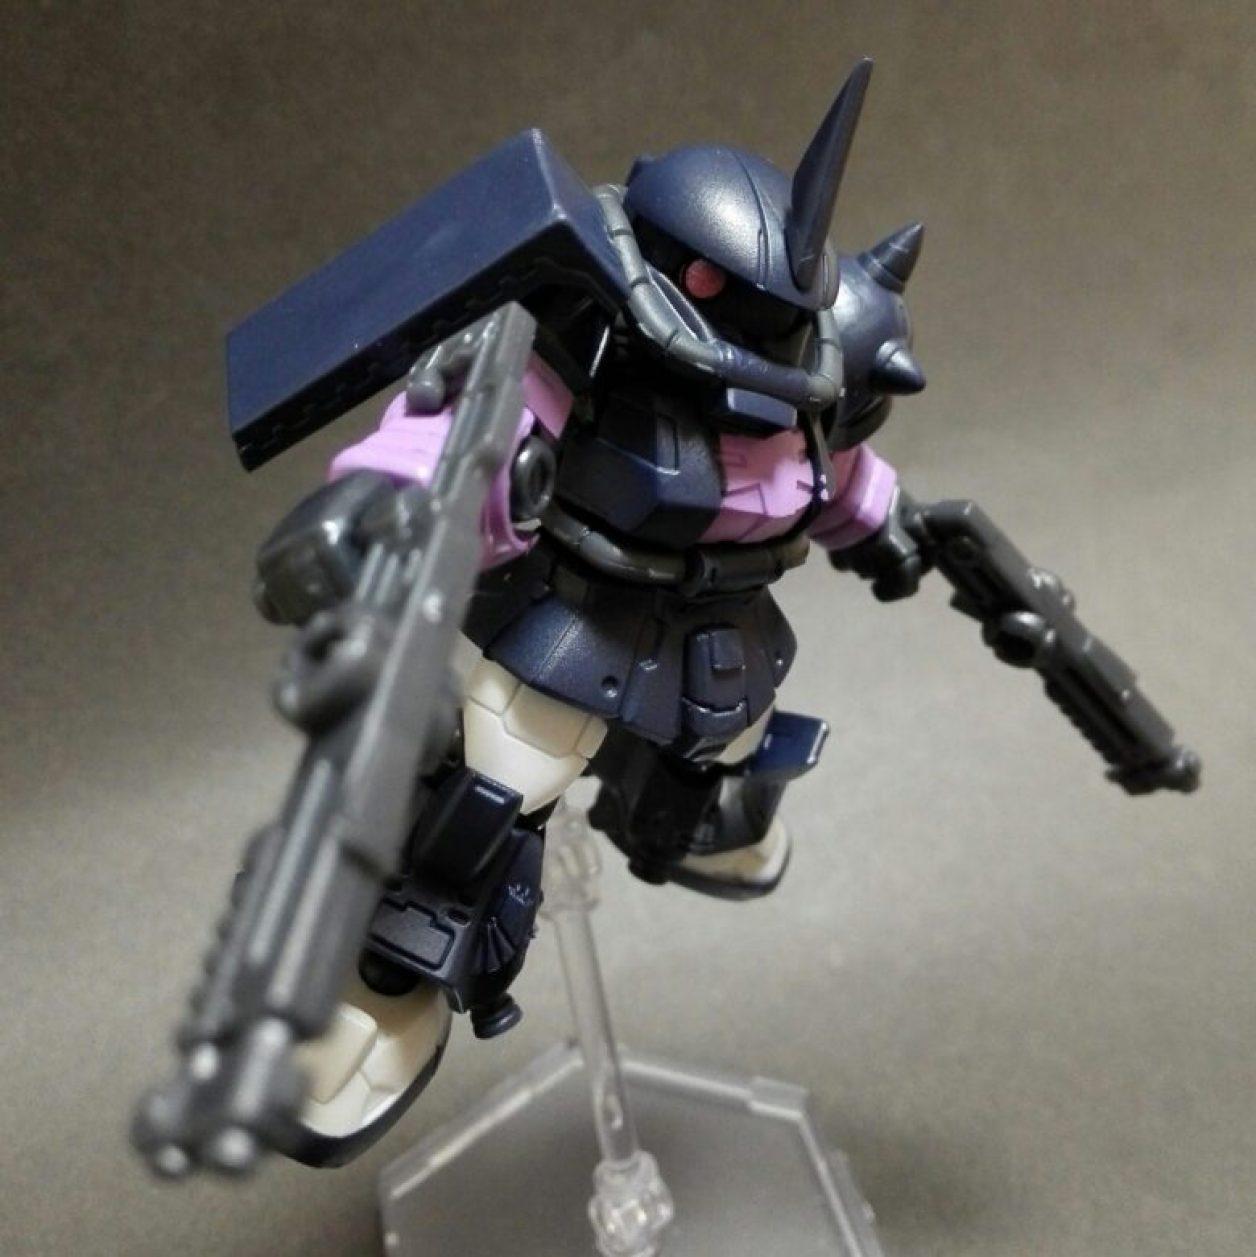 MOBILE SUIT ENSEMBLE(モビルスーツアンサンブル)12弾の高機動型ザクii(黒い三連星仕様)にショットガンを装備させた画像